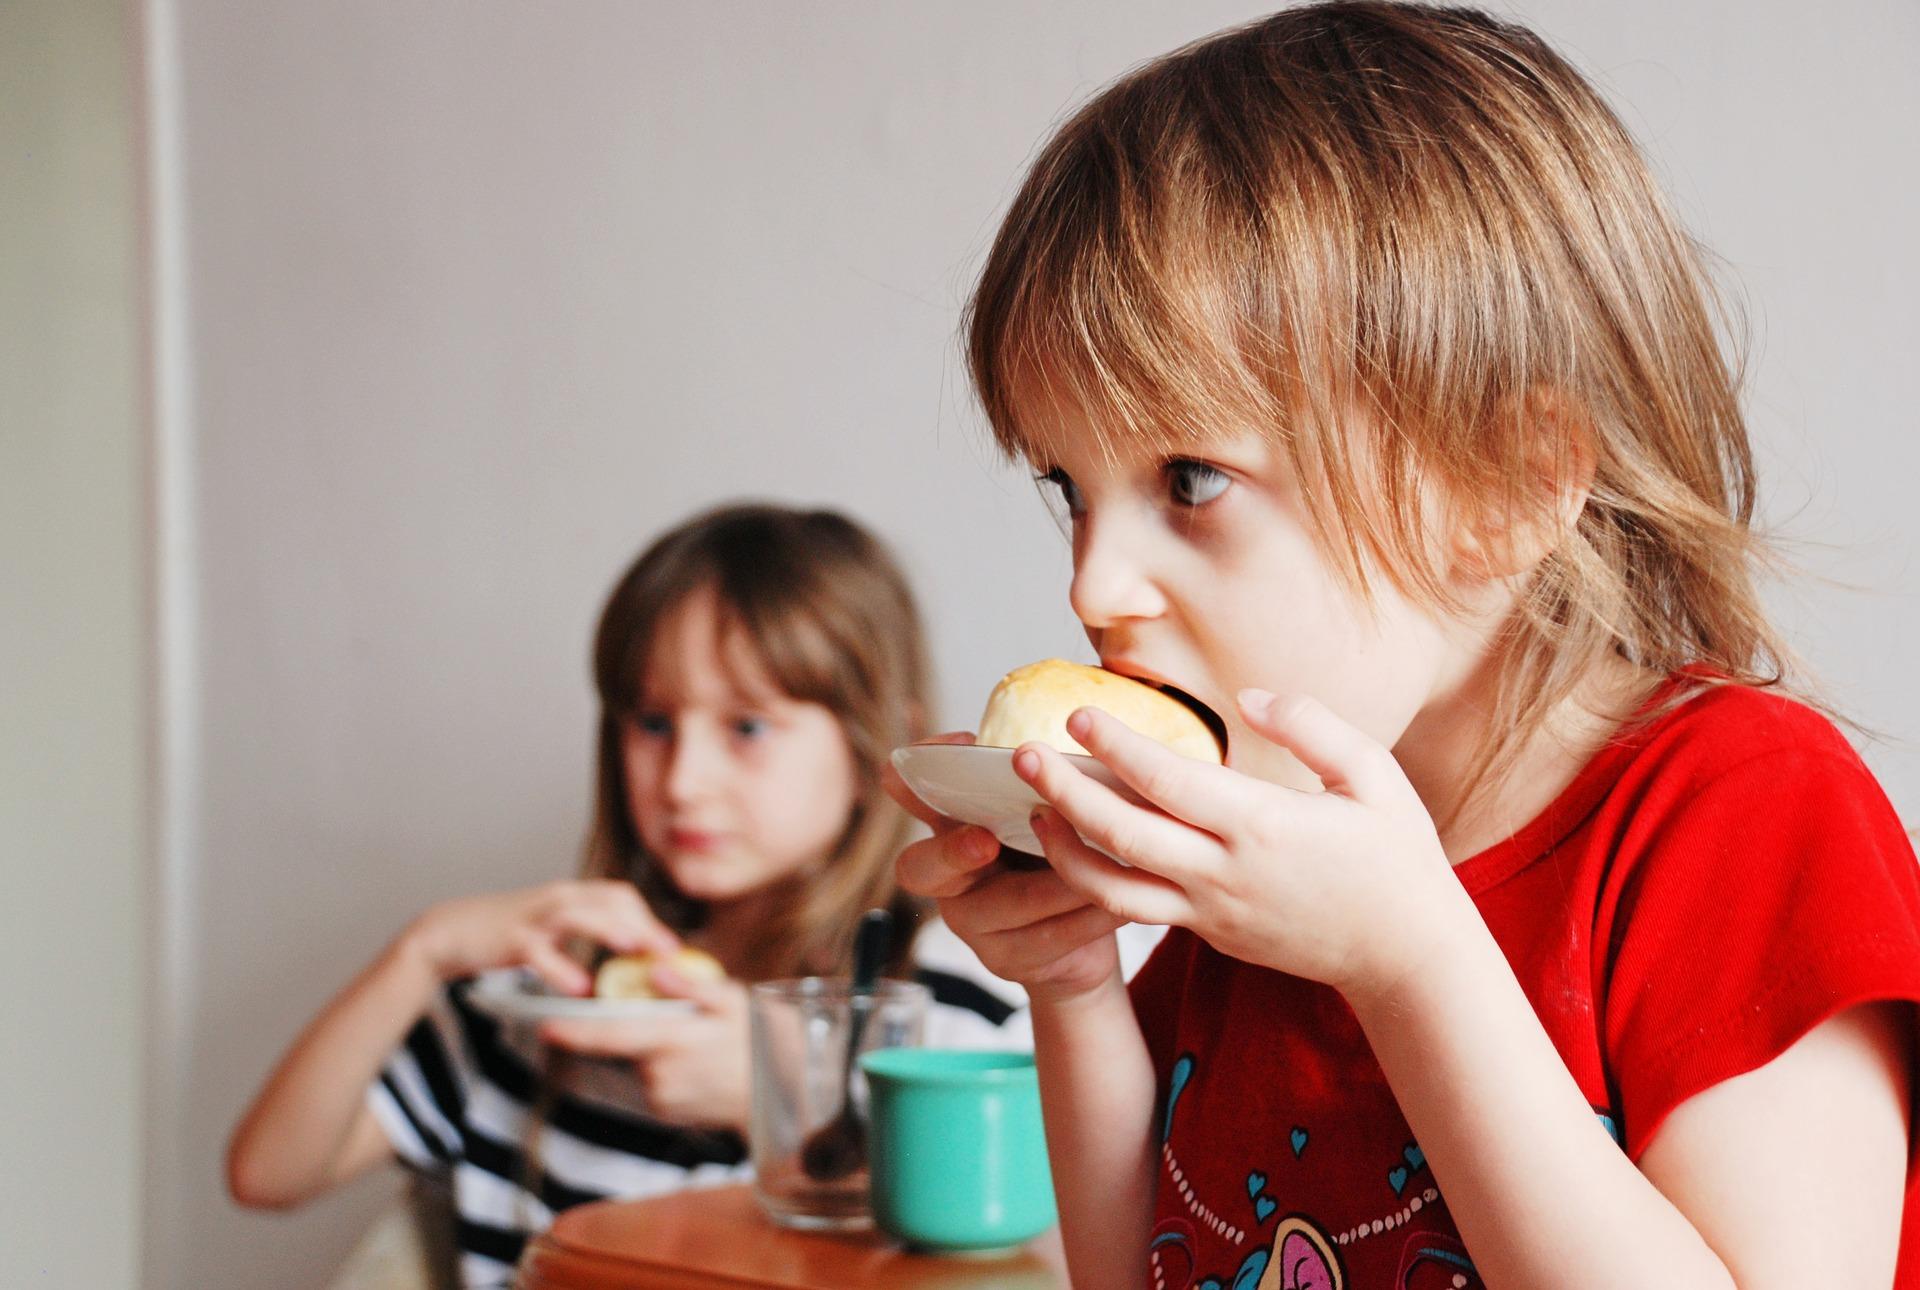 Дитина голодна або йому просто нудно: як зрозуміти постійну тягу малюка до їжі